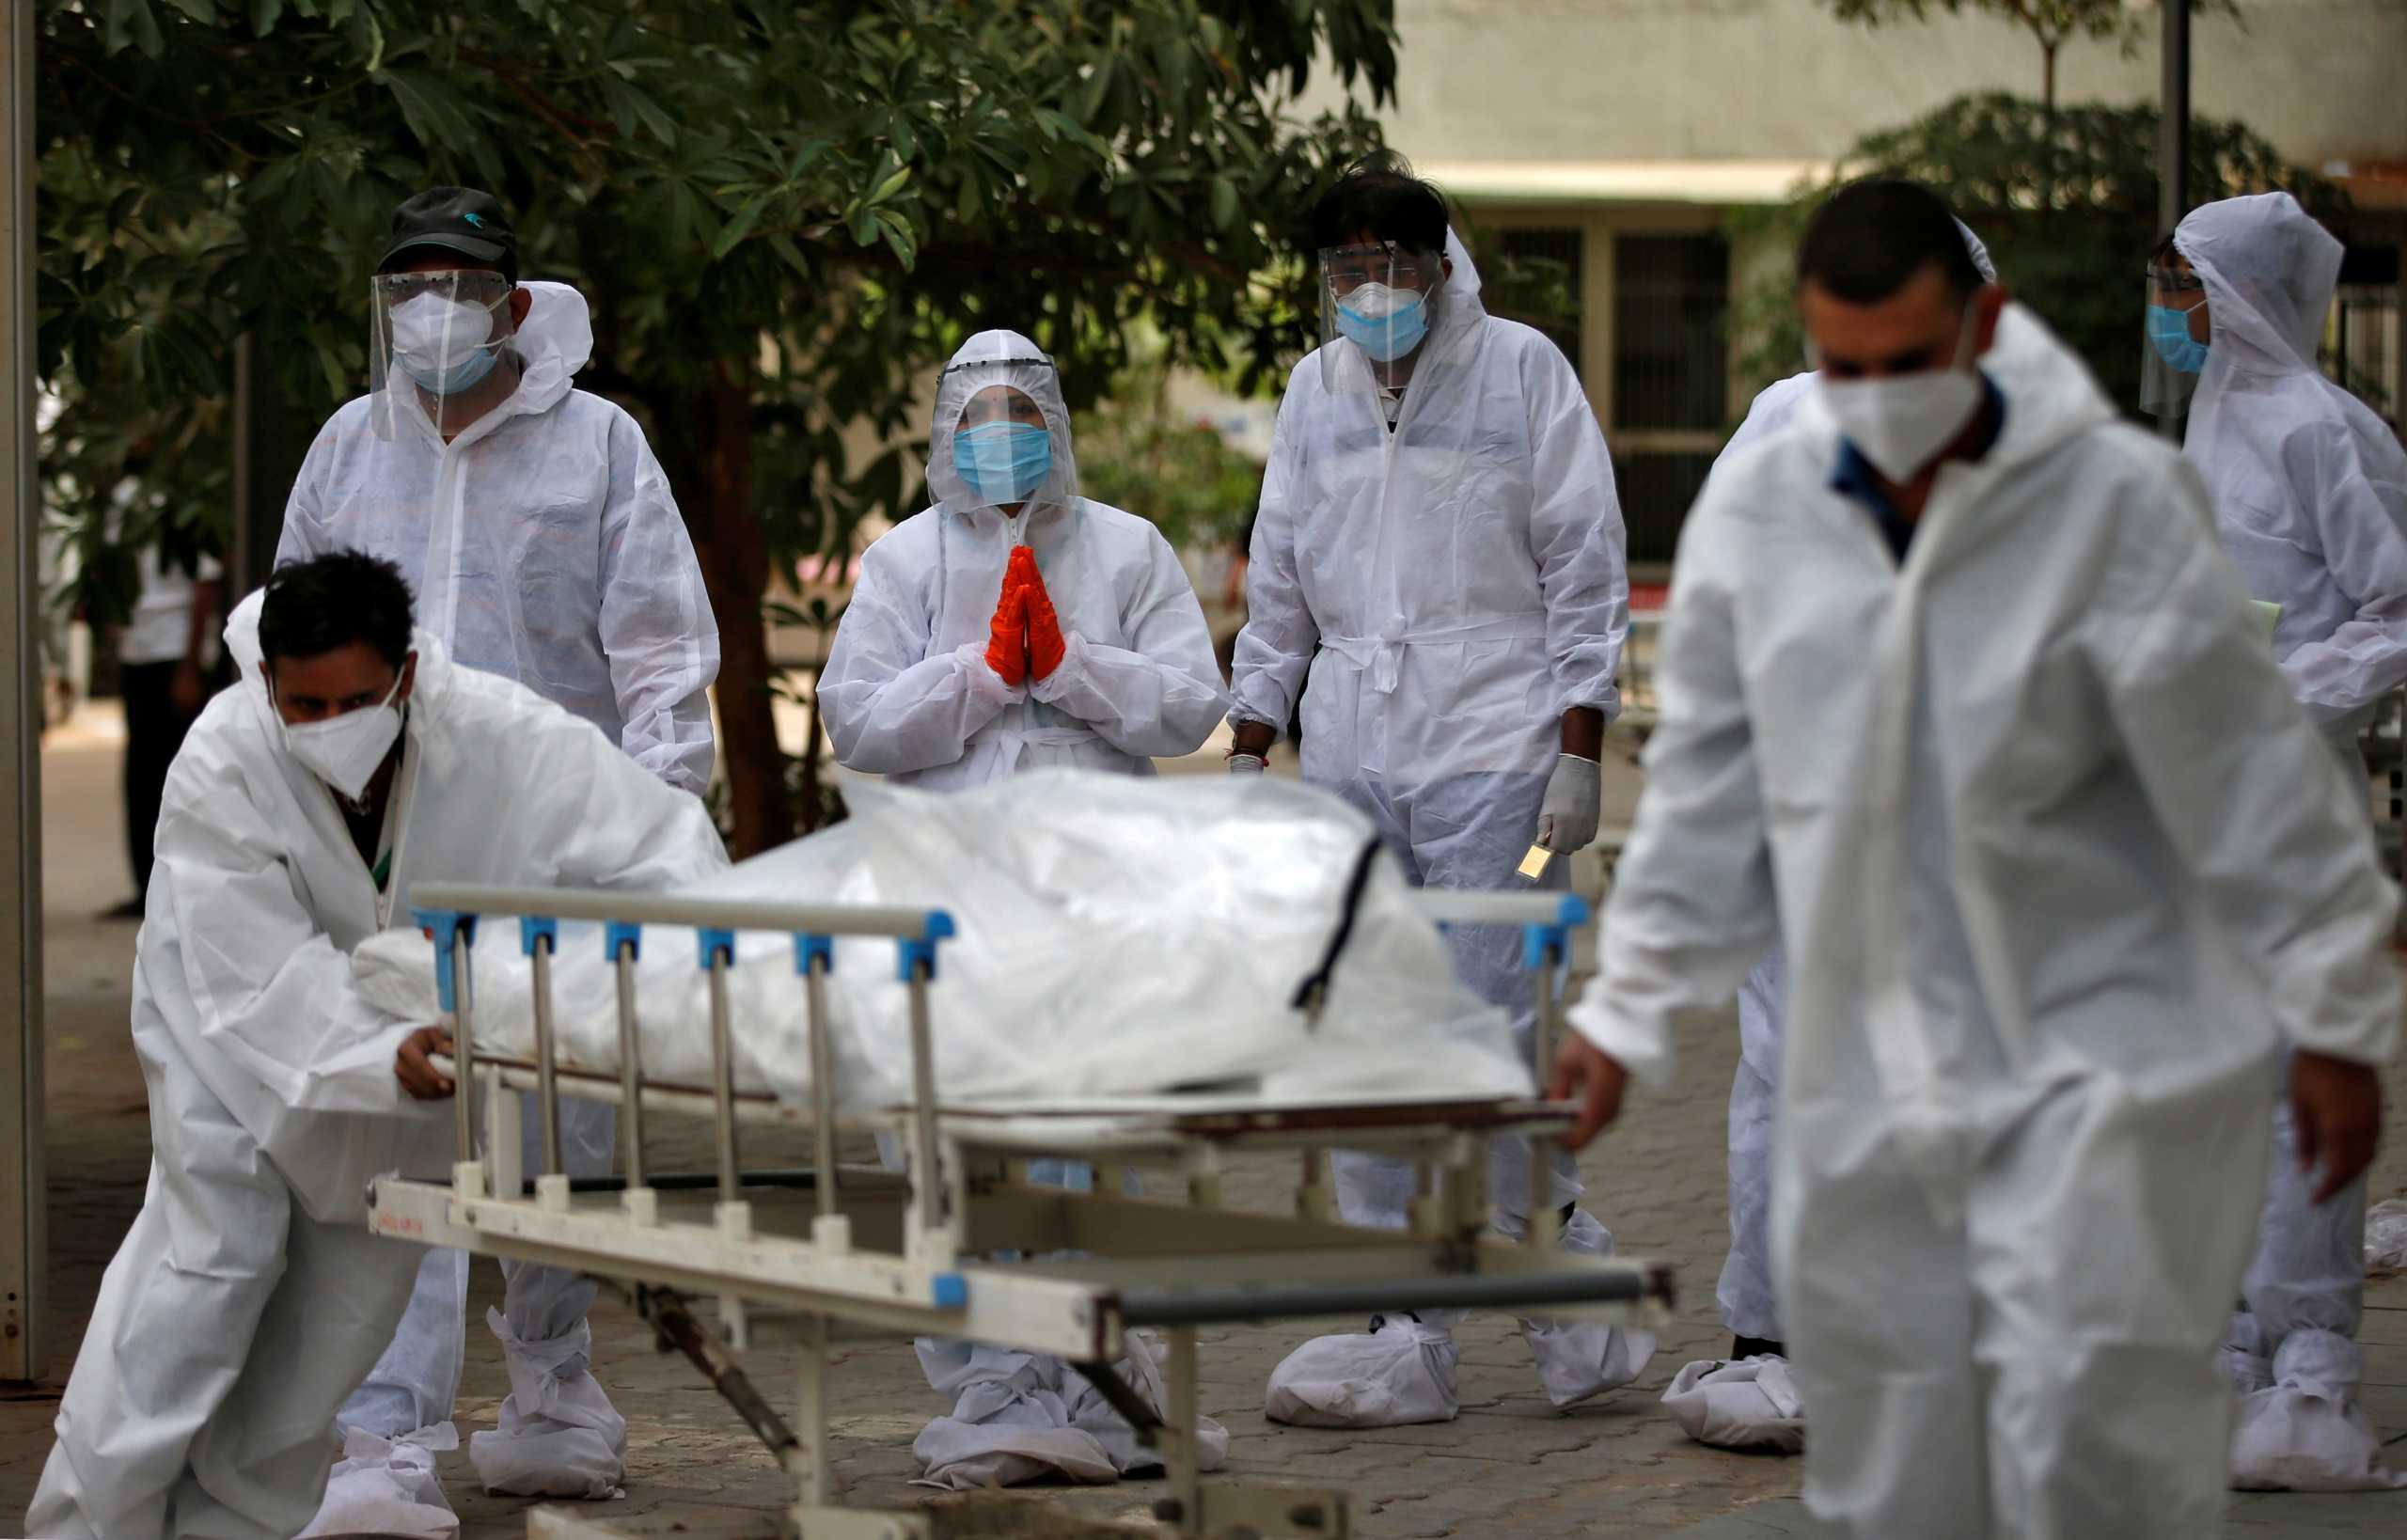 Μαλαισία: Εκρηκτική αύξηση των κρουσμάτων κορονοϊού – 126 νεκροί το τελευταίο 24ωρο